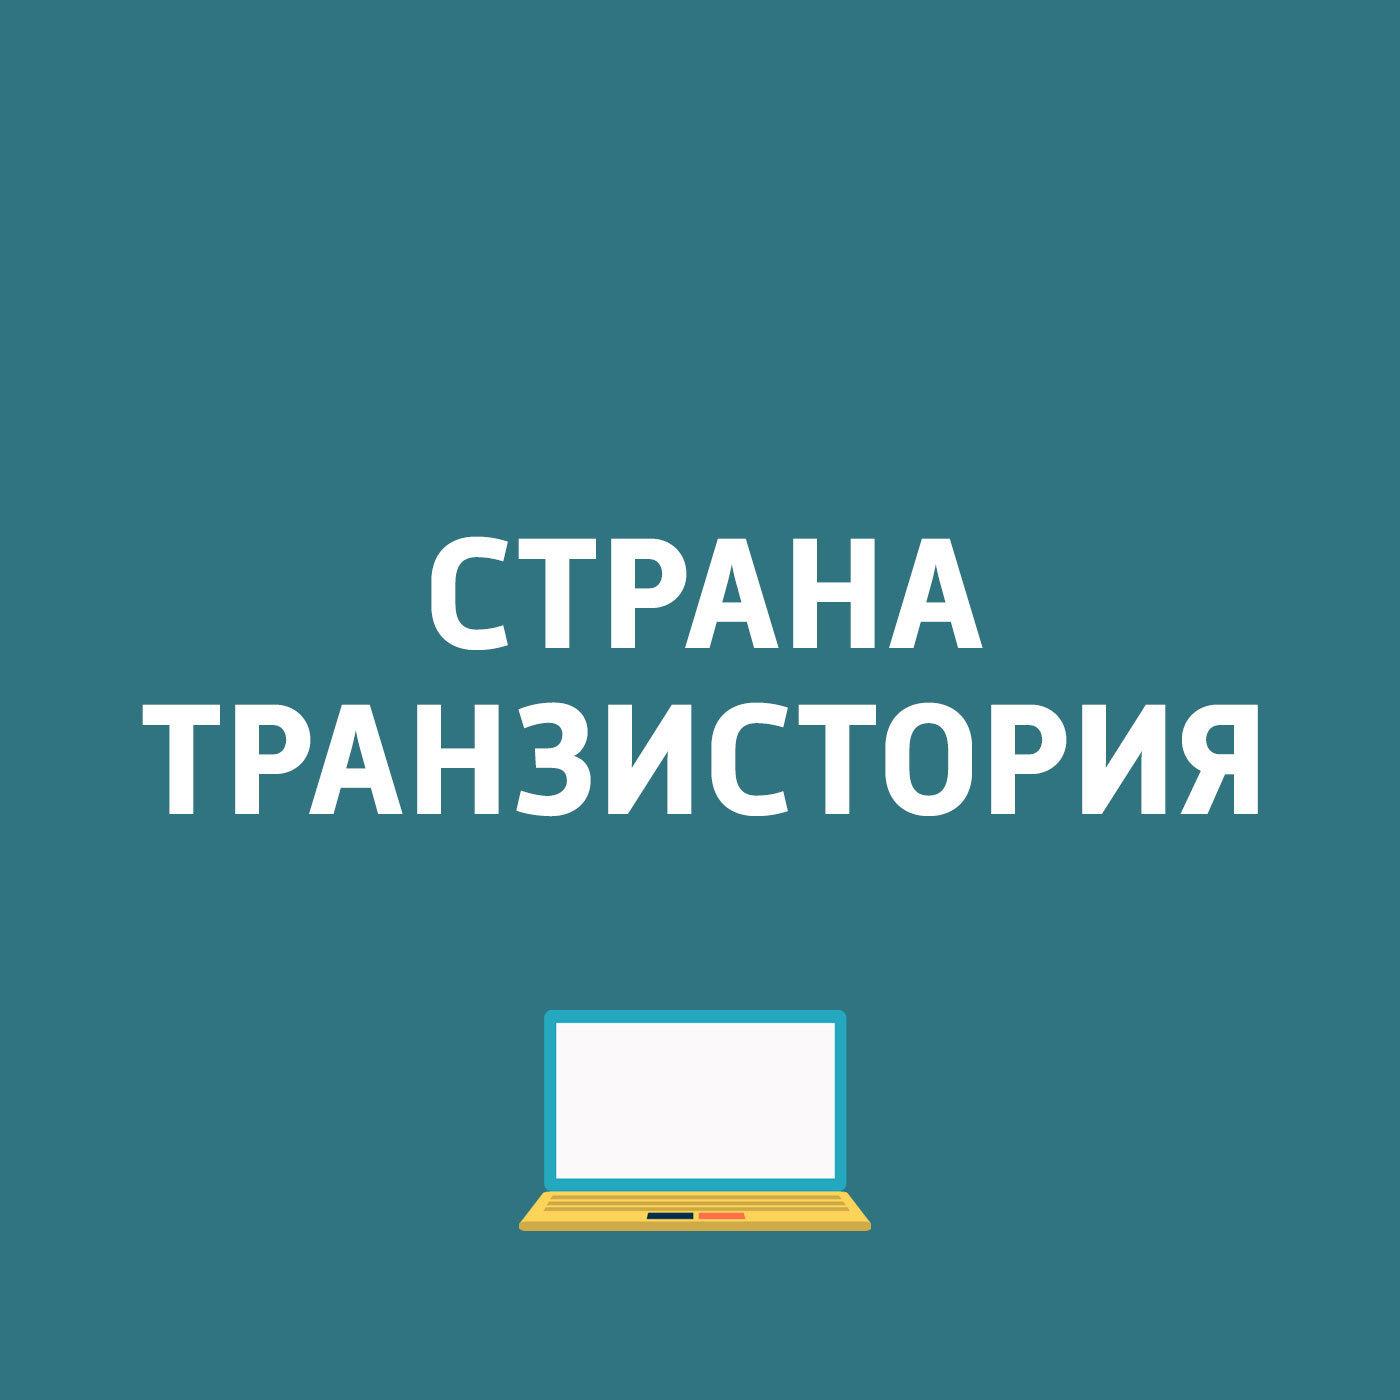 Картаев Павел Продажи Rust, уязвимости соцсетей картаев павел система распознавания речи microsoft достигла человеческого уровня